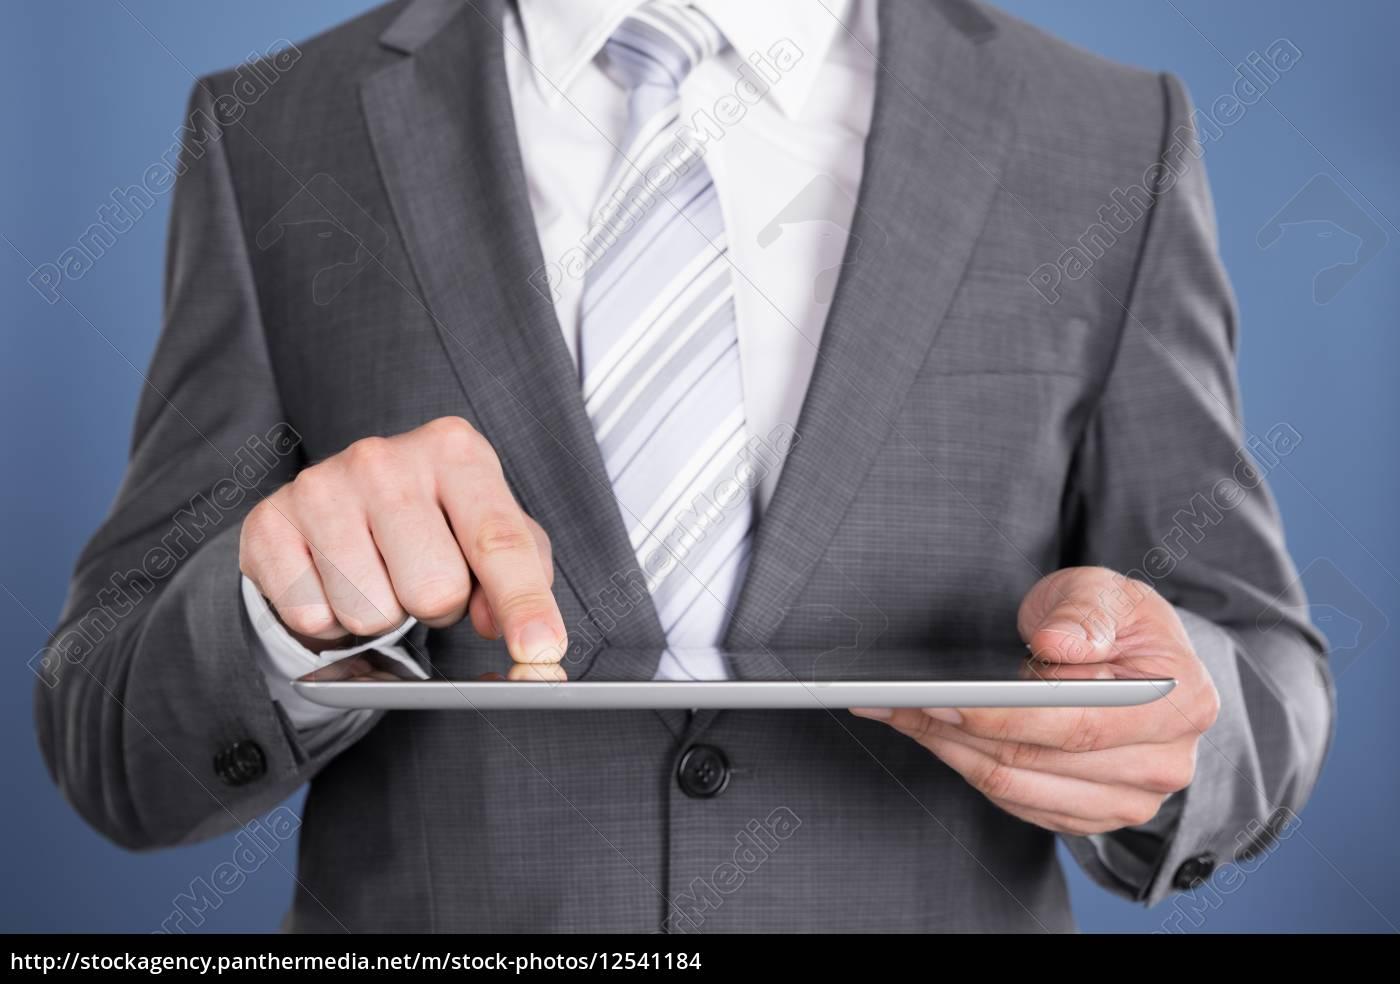 handzeigen, auf, tablet-computer-bildschirm - 12541184